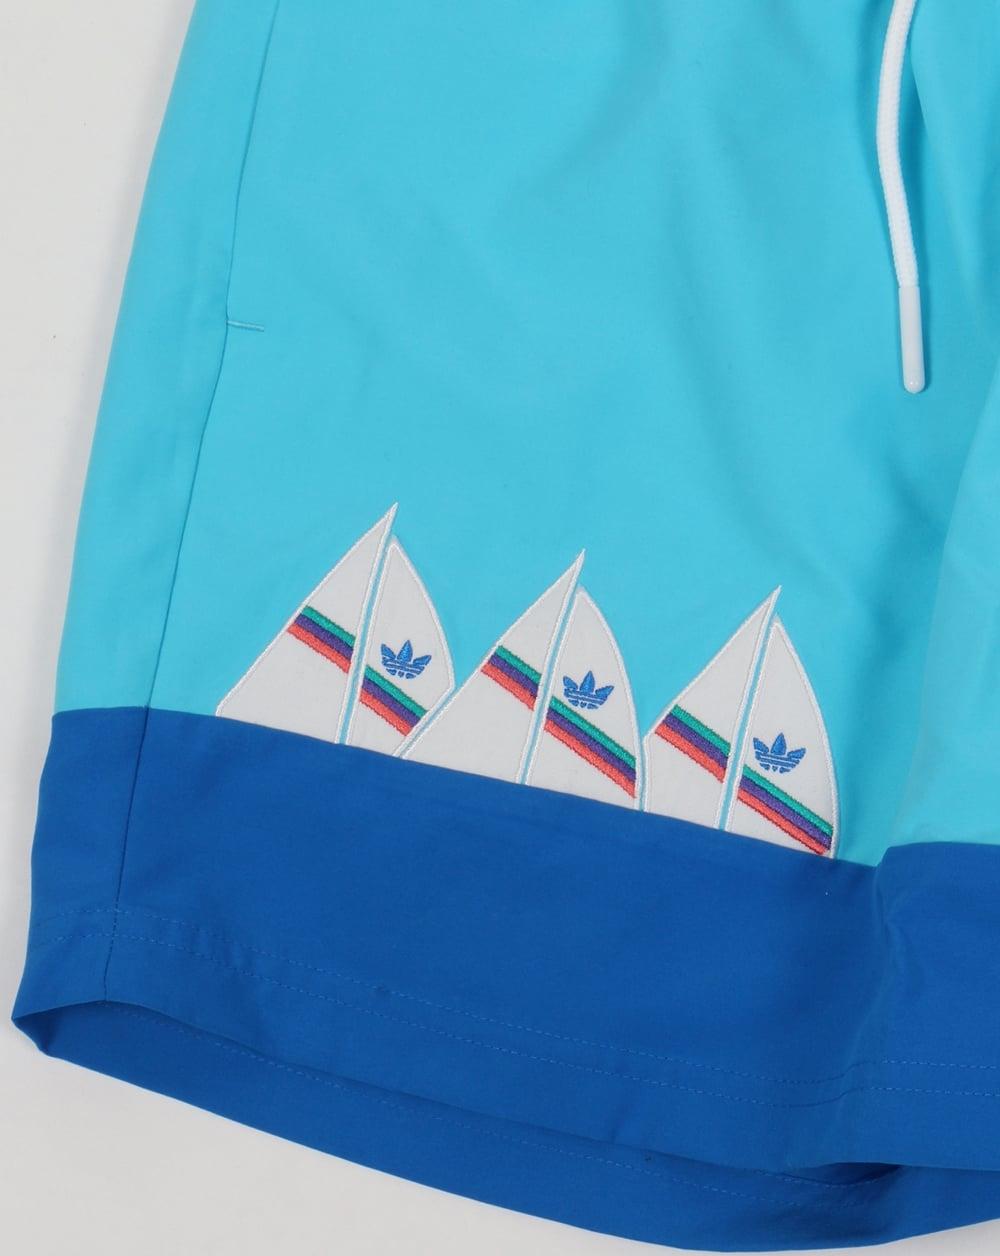 adidas sailing